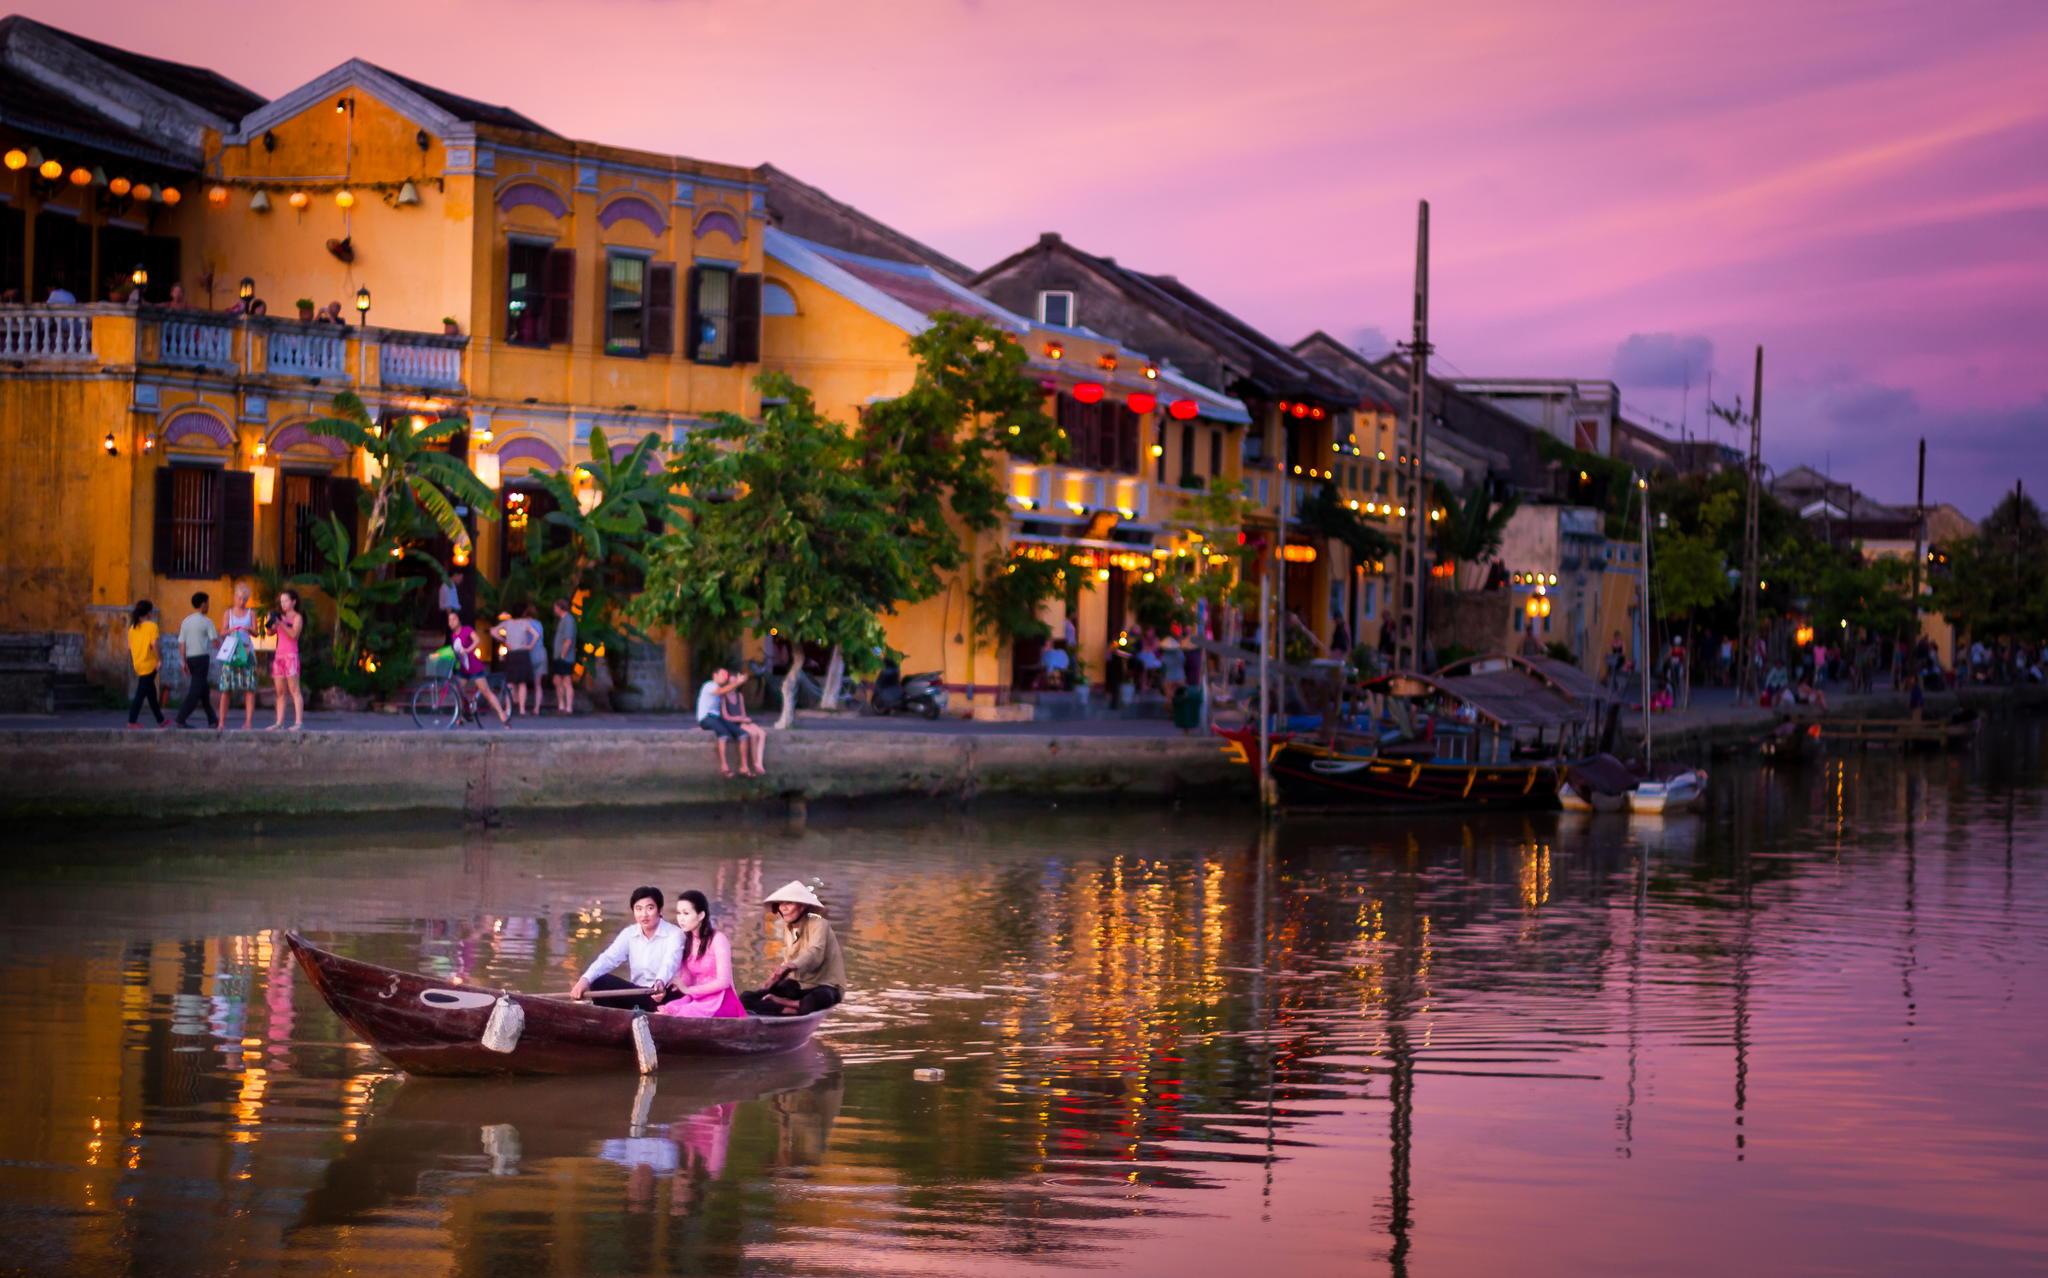 Cẩm nang du lịch Đà Nẵng: Phố cổ Hội An